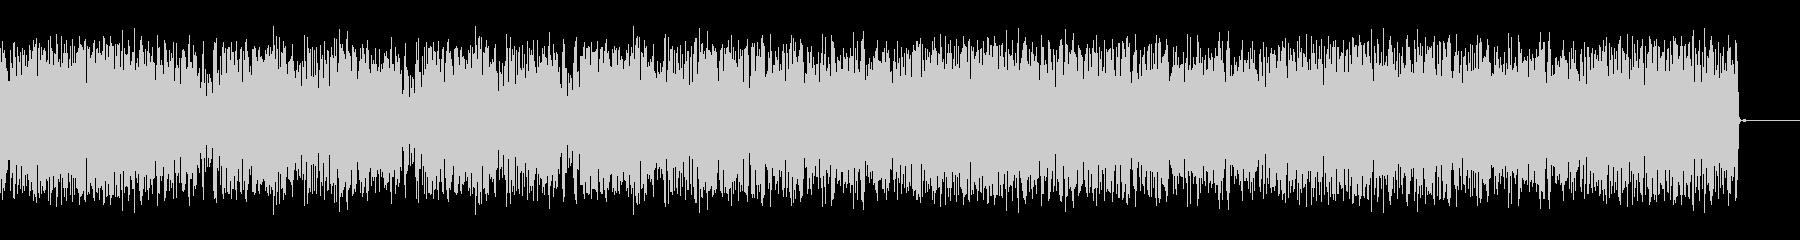 ホイッピング静的スワイプ7の未再生の波形